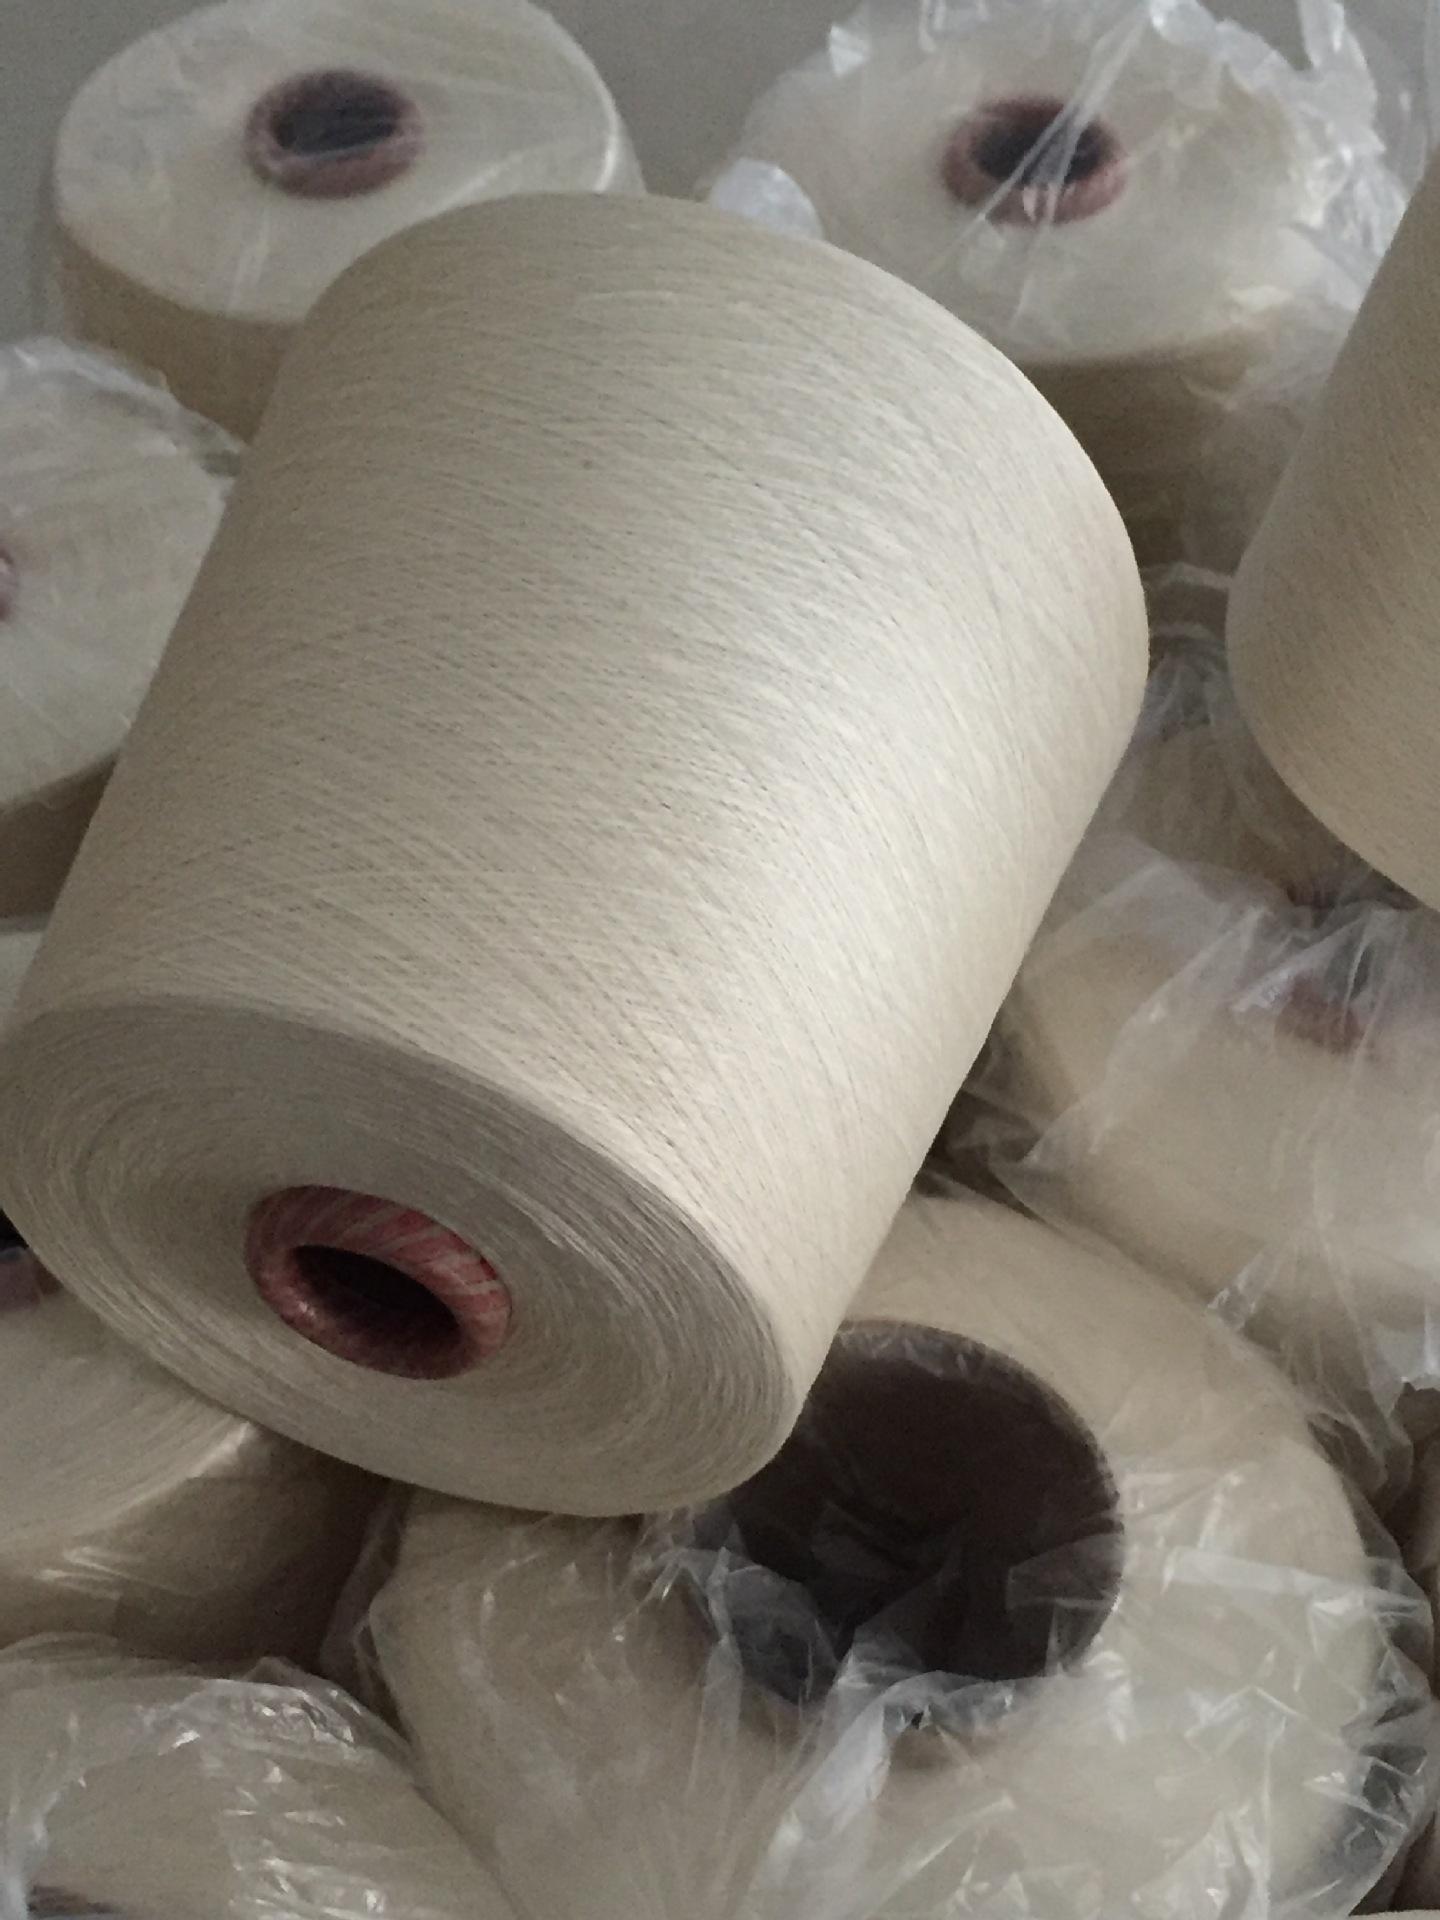 Sợi tơ lụa Jin Yizhen kéo sợi bông và tơ pha sợi 120nm / 2 30% cotton 70% sợi tơ tằm